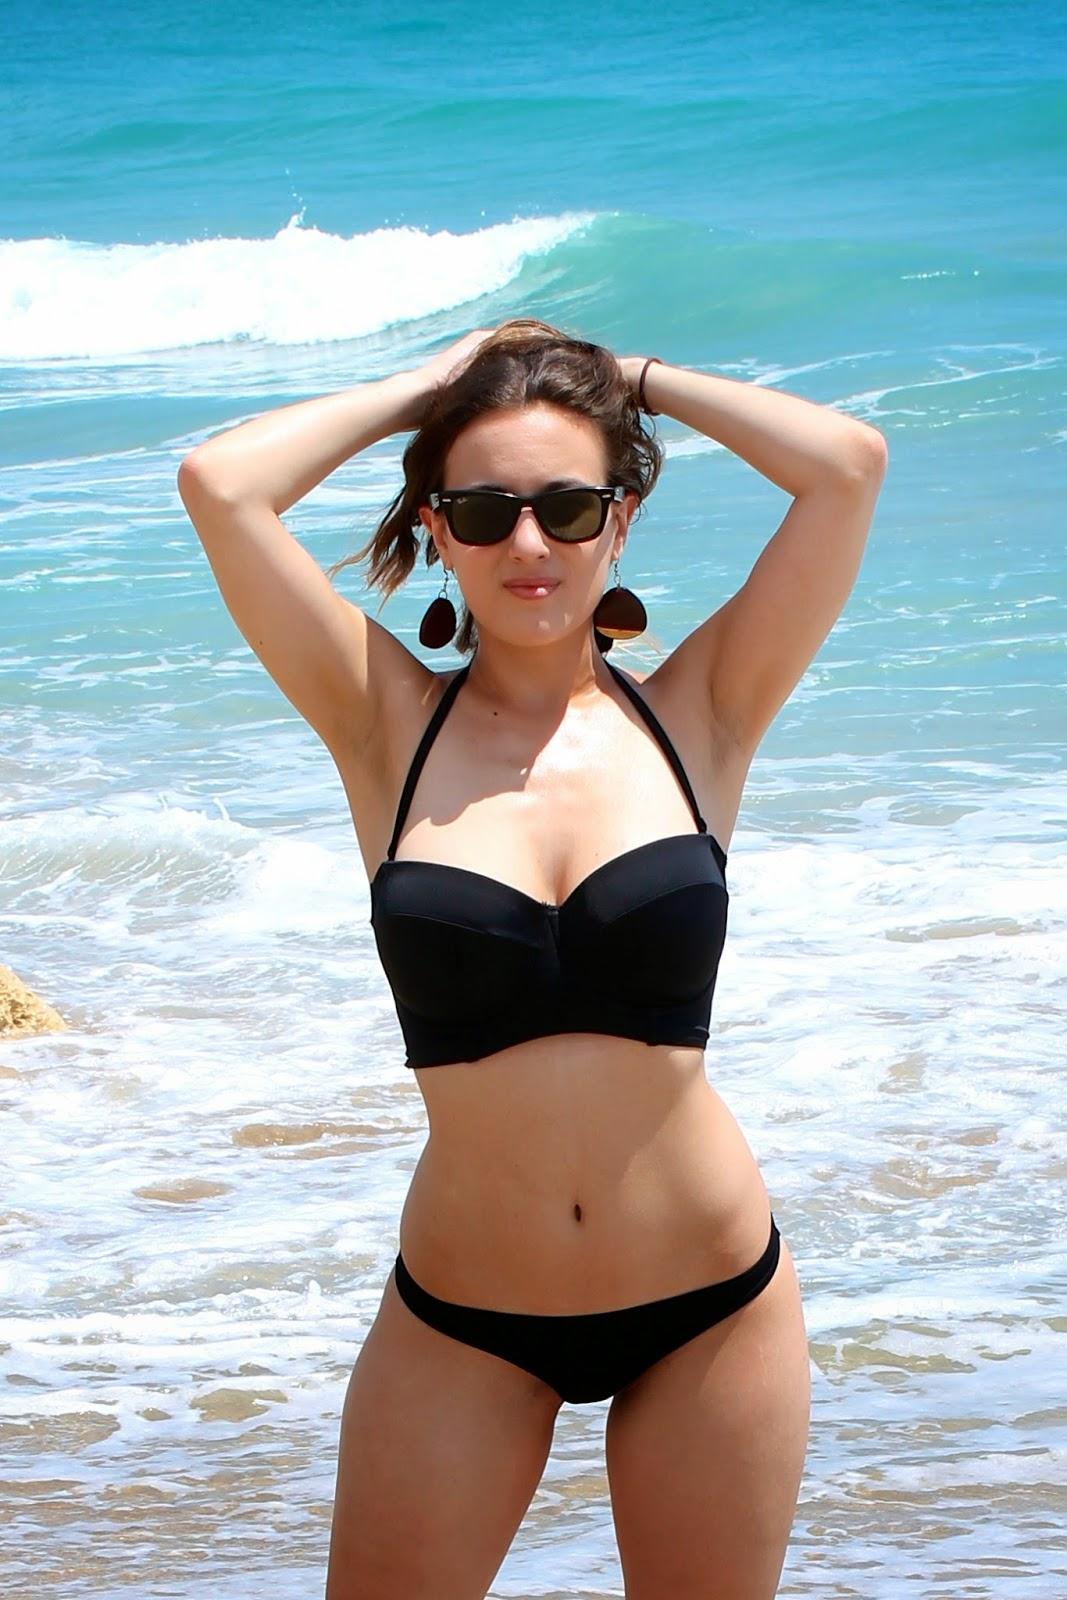 bikini, Palm Beach, Miami, ASOS, Ray-Ban, prep, southern, modern, fashion blog, Miami fashion, ootd